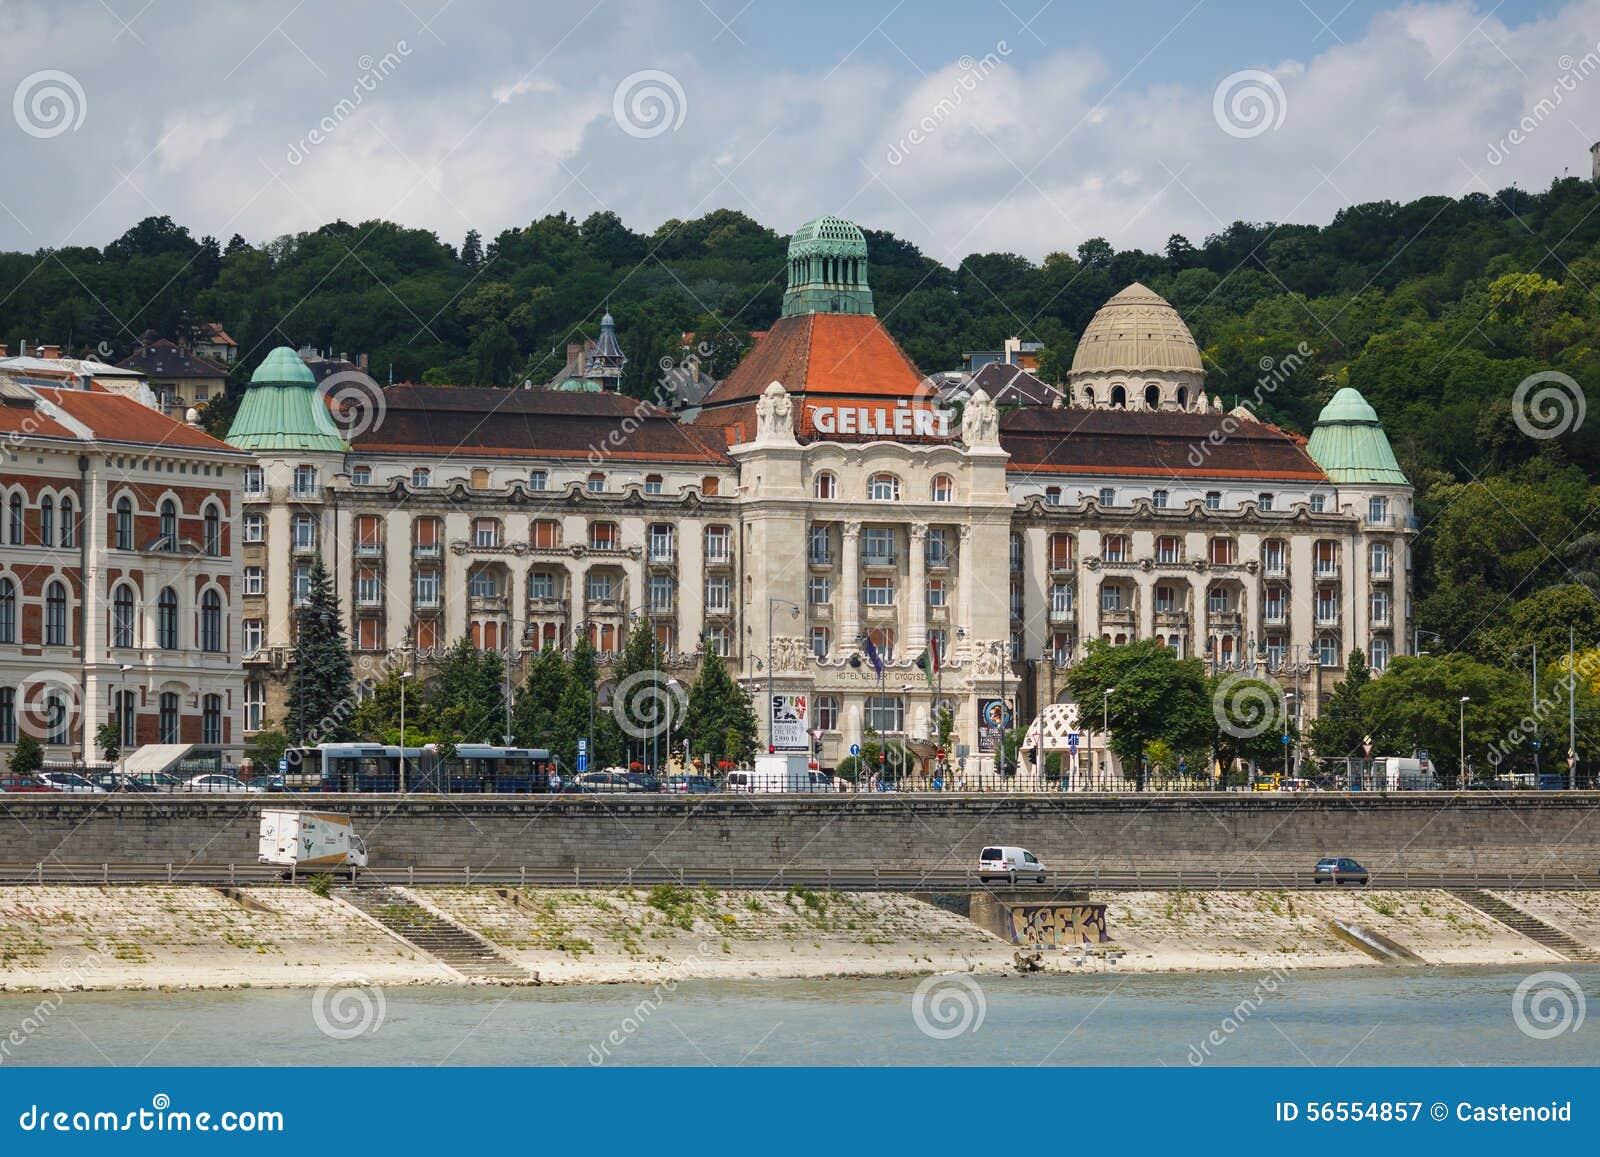 Download Κολυμπώντας λουτρά Gellert εκδοτική φωτογραφία. εικόνα από ουγγρικά - 56554857